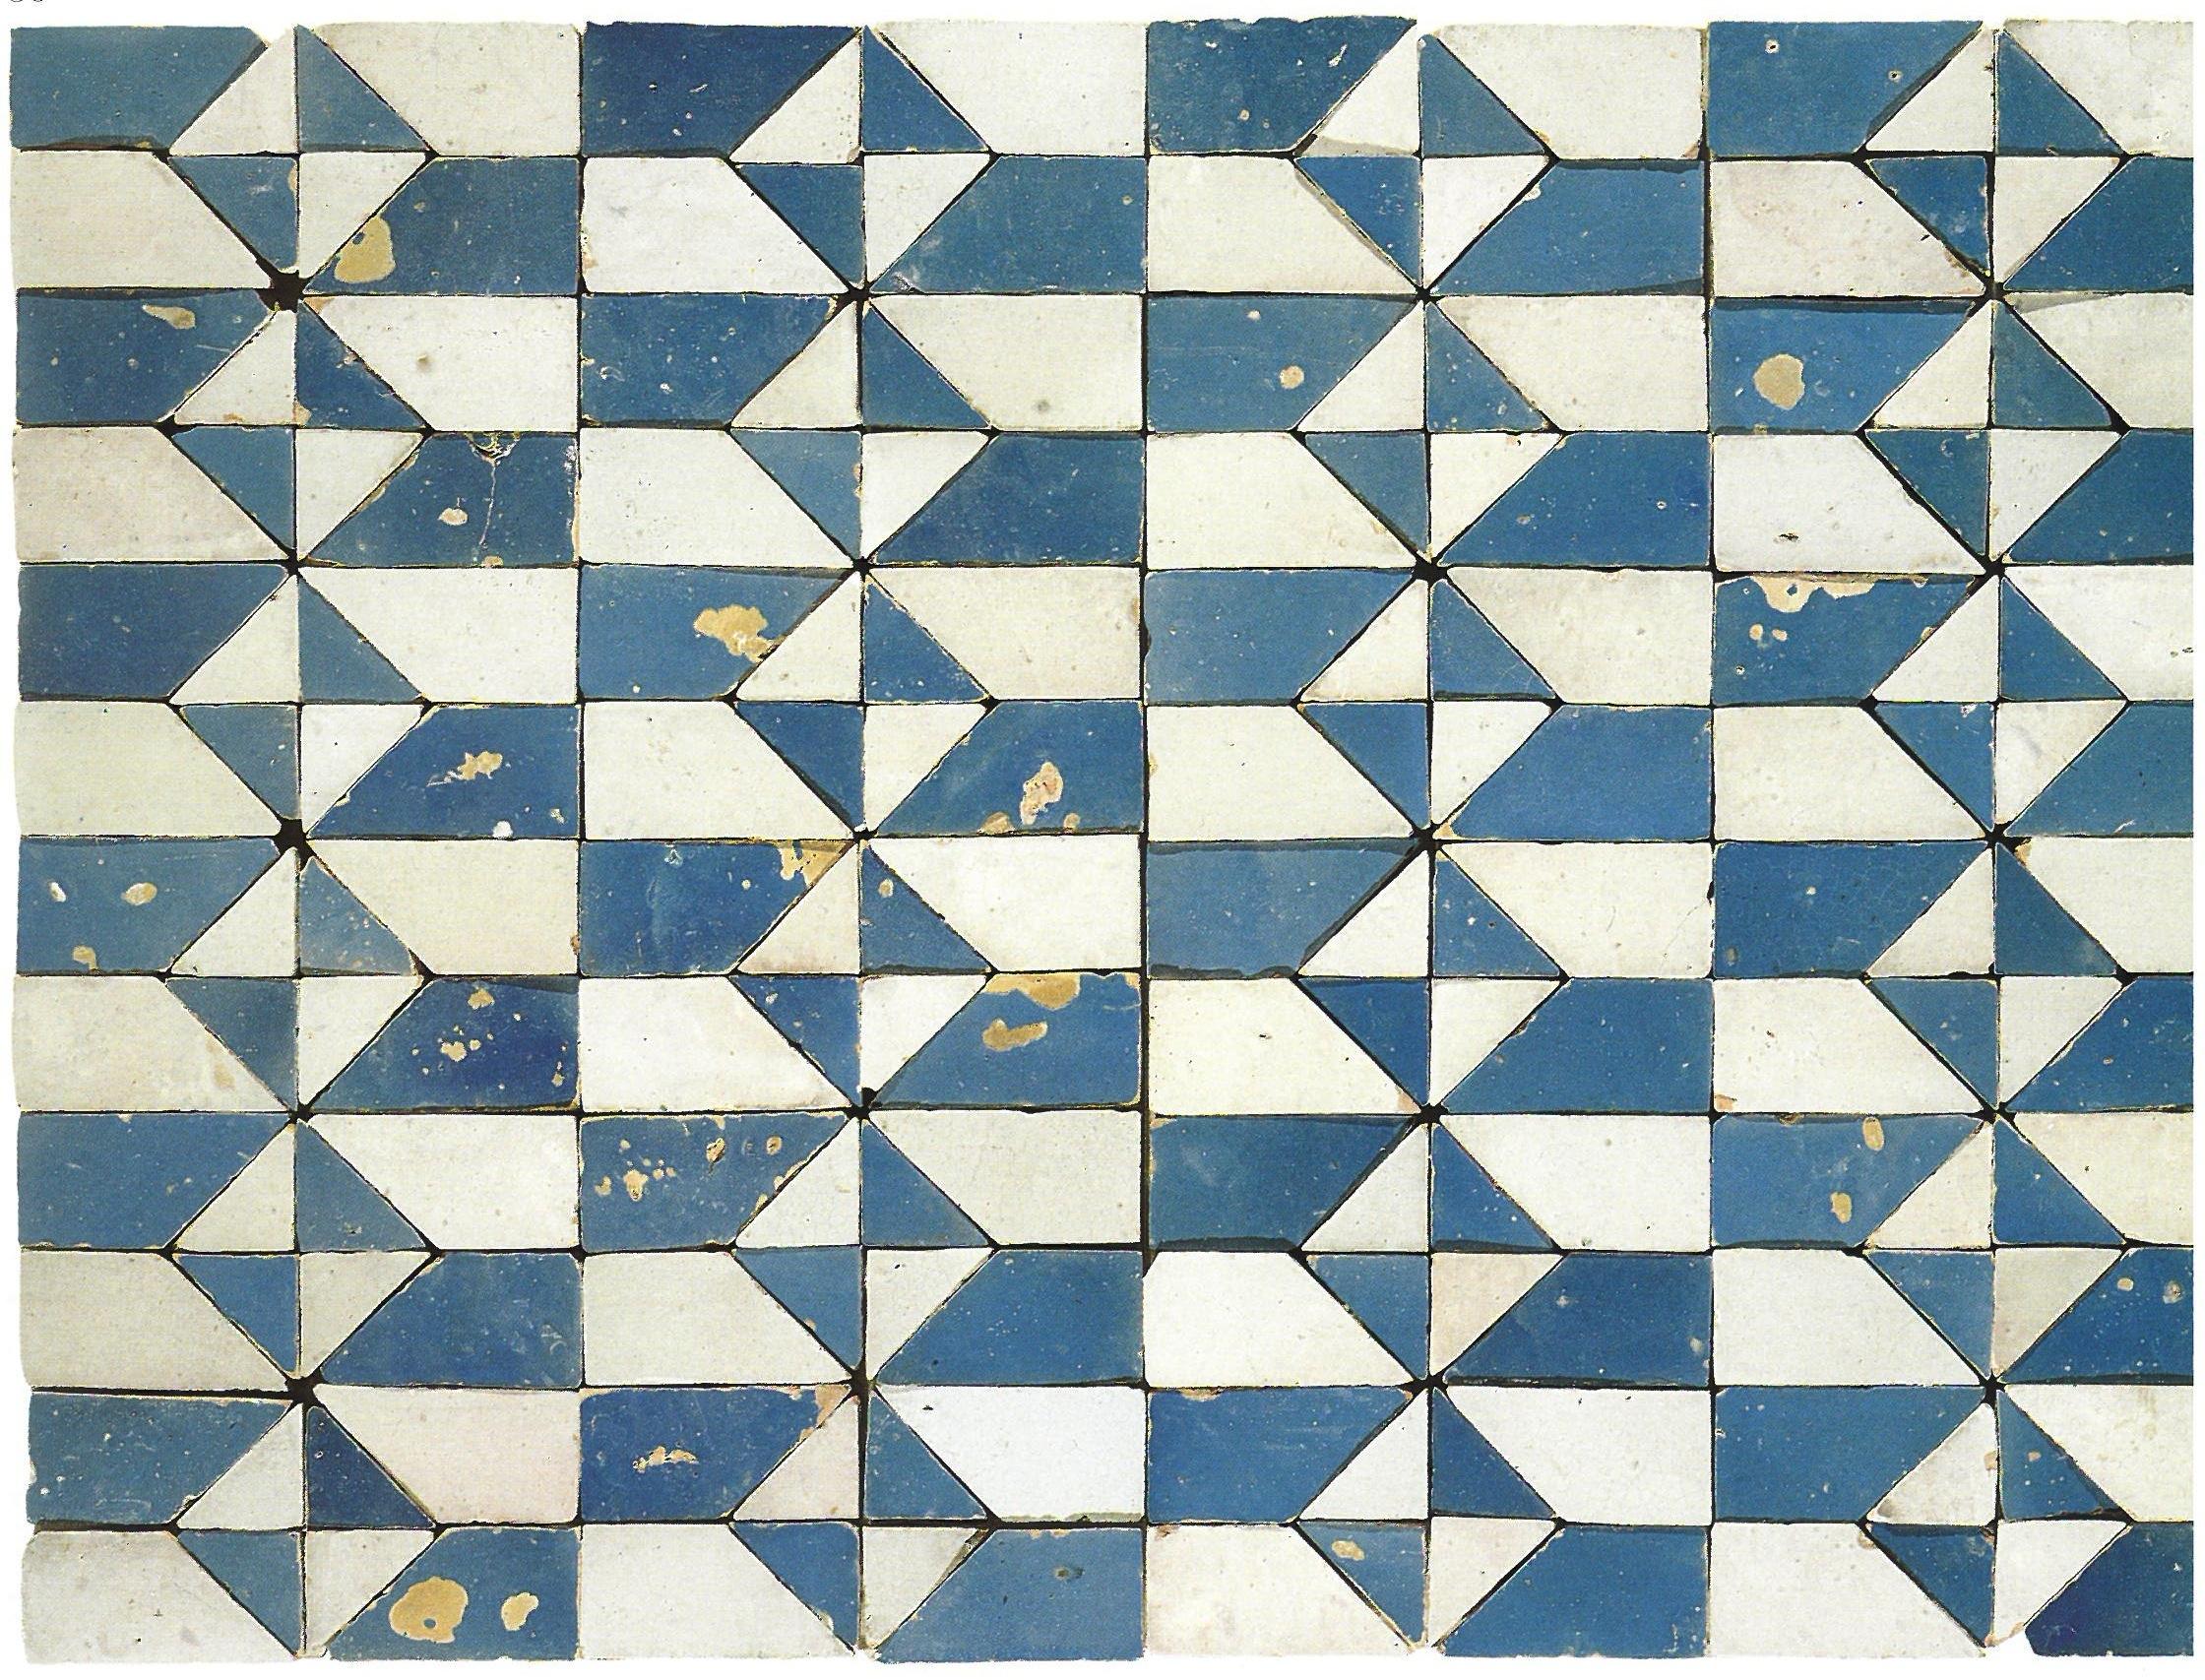 Panneau azulejos XVII Lisbonne. copie